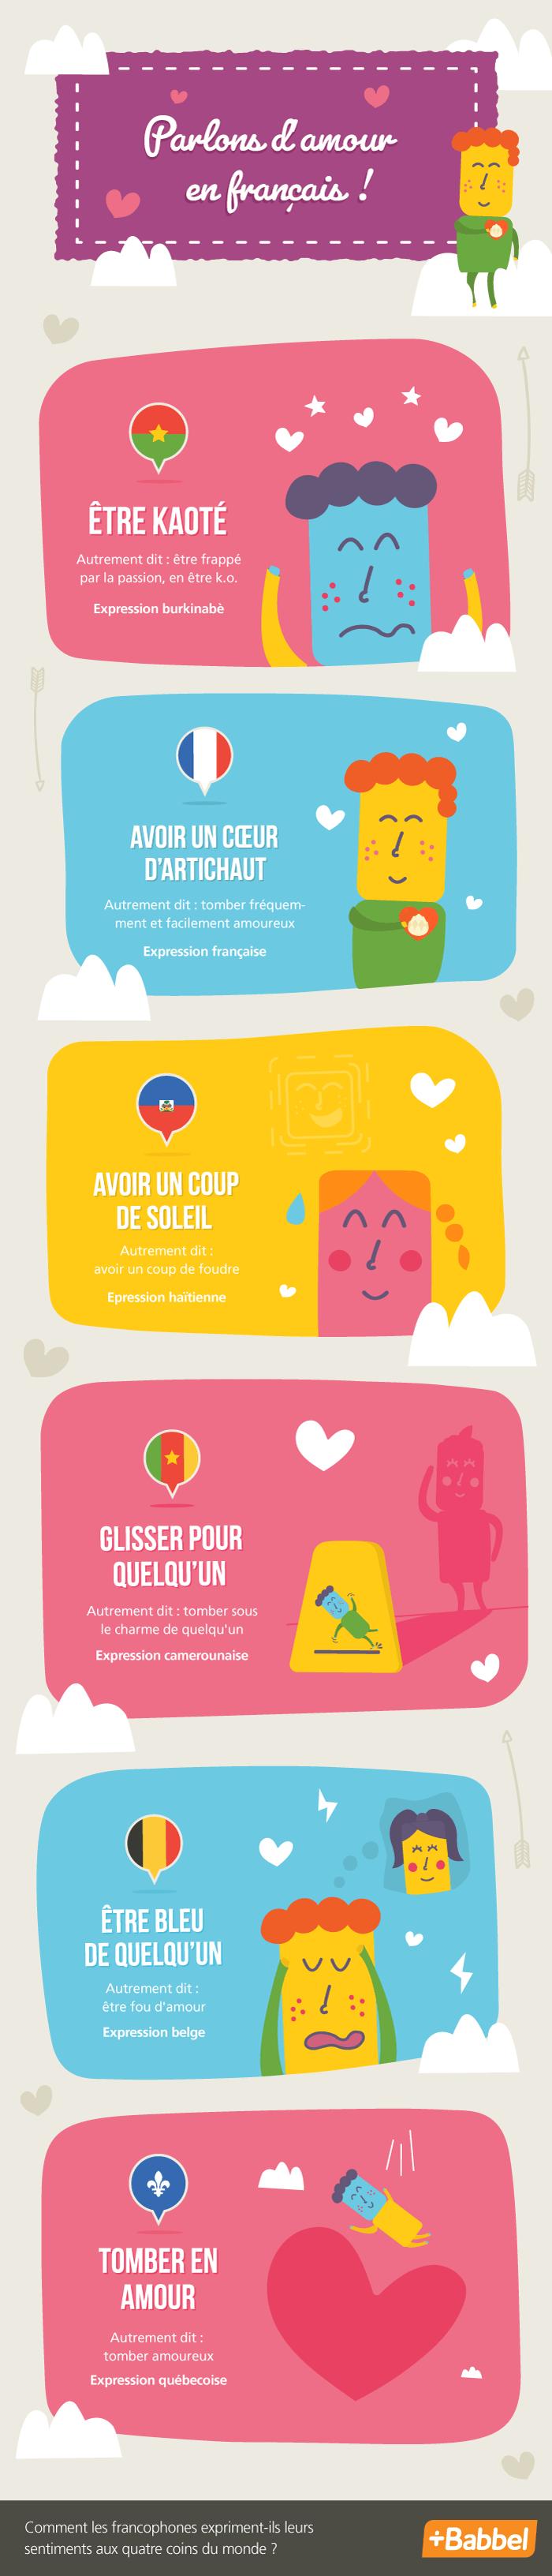 9 expressions françaises qui parlent d'amour